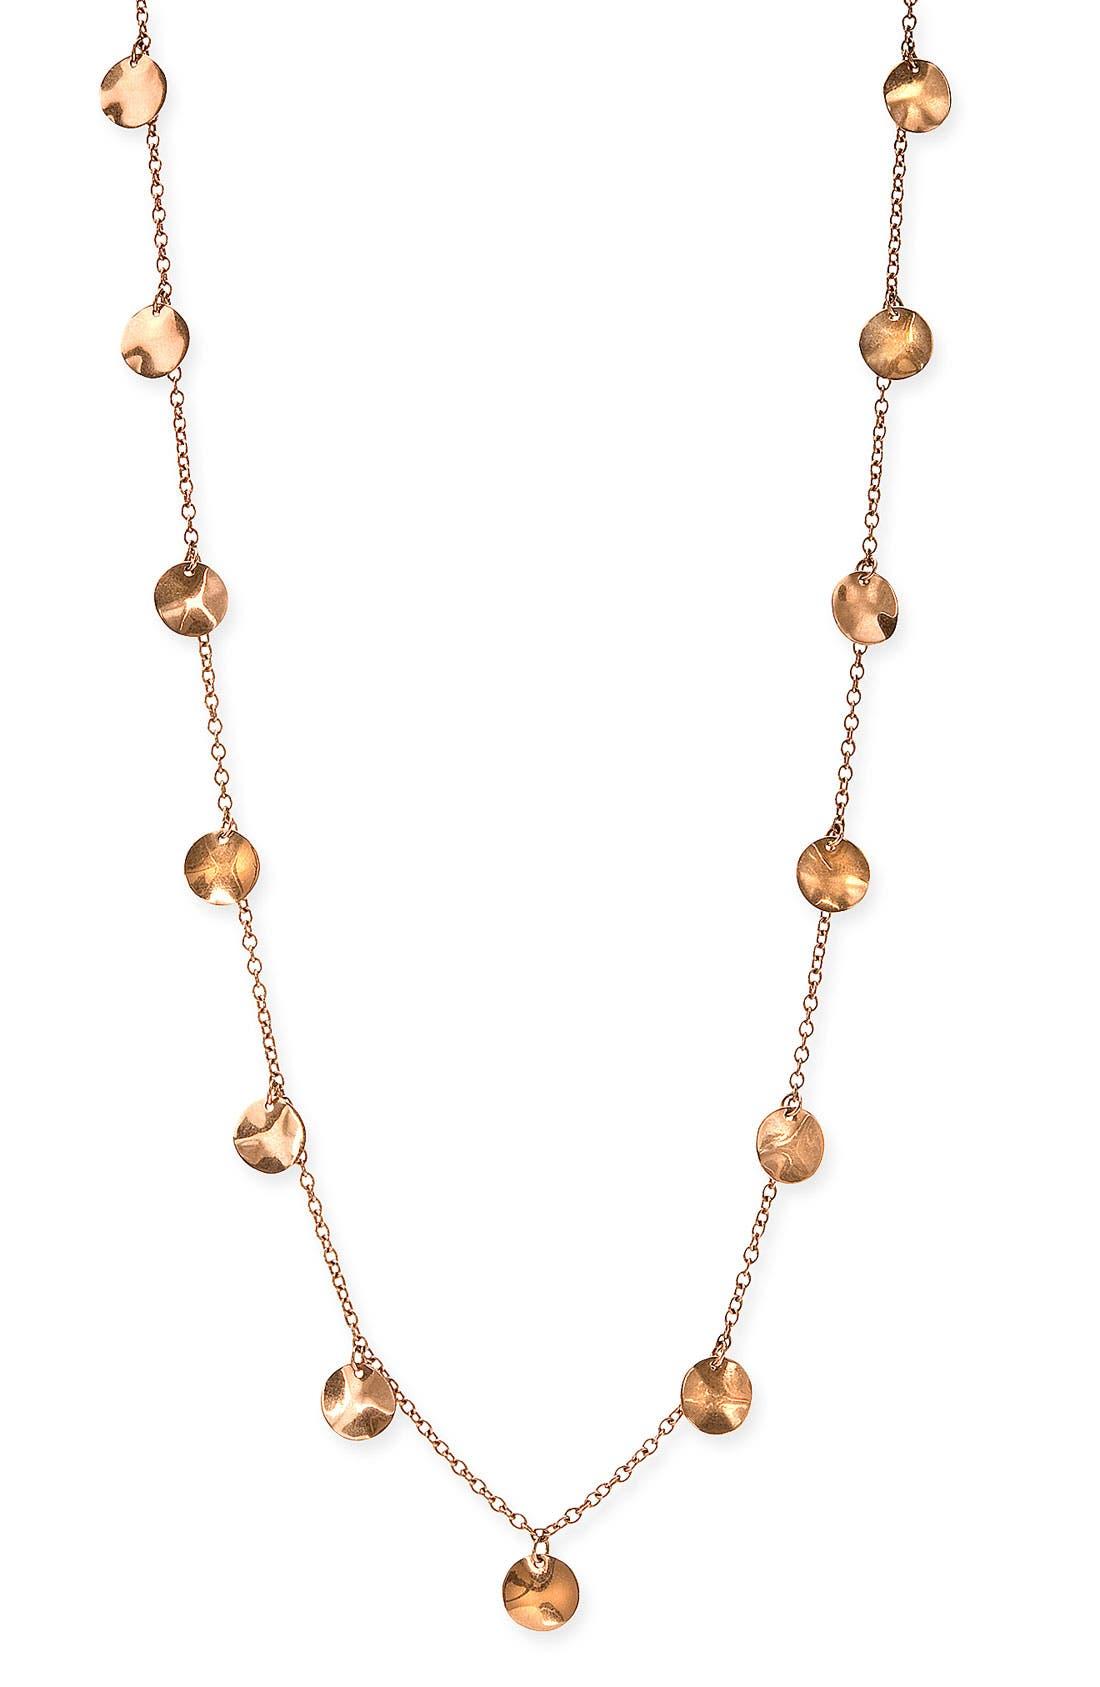 Main Image - Ippolita Long Paillette Rosé Necklace